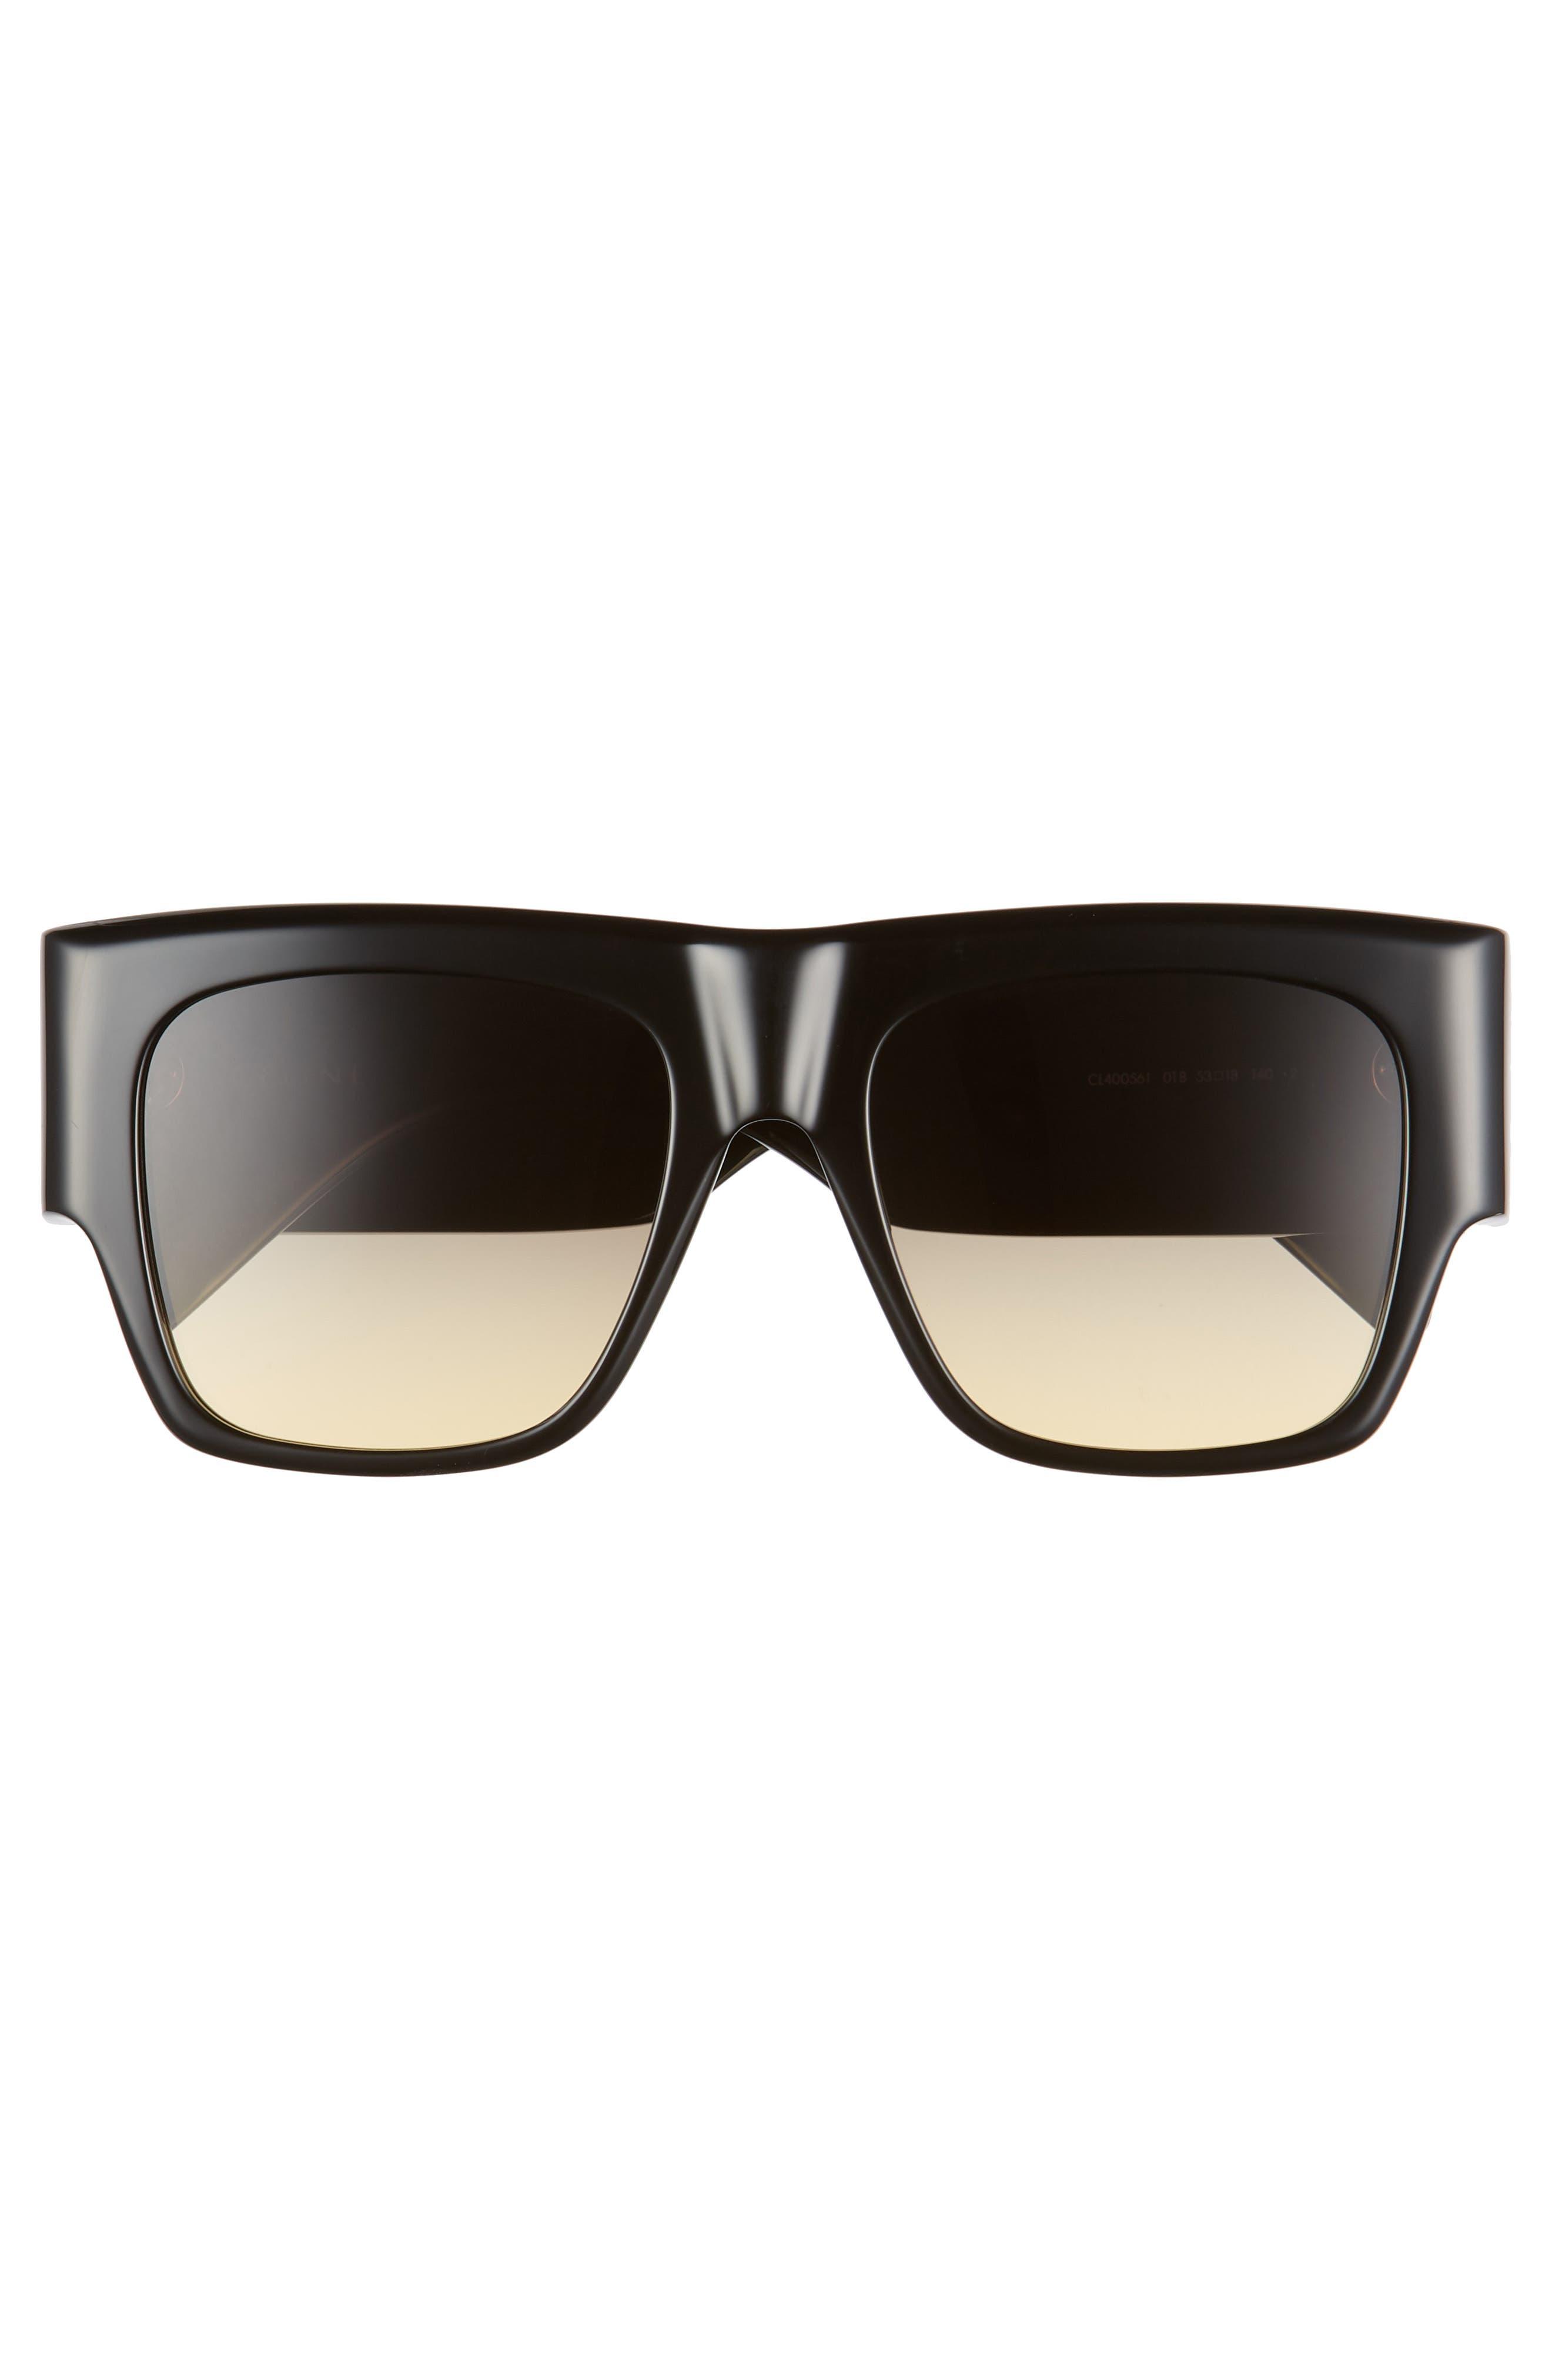 Céline 56mm Special Fit Gradient Flat Top Sunglasses,                             Alternate thumbnail 3, color,                             001